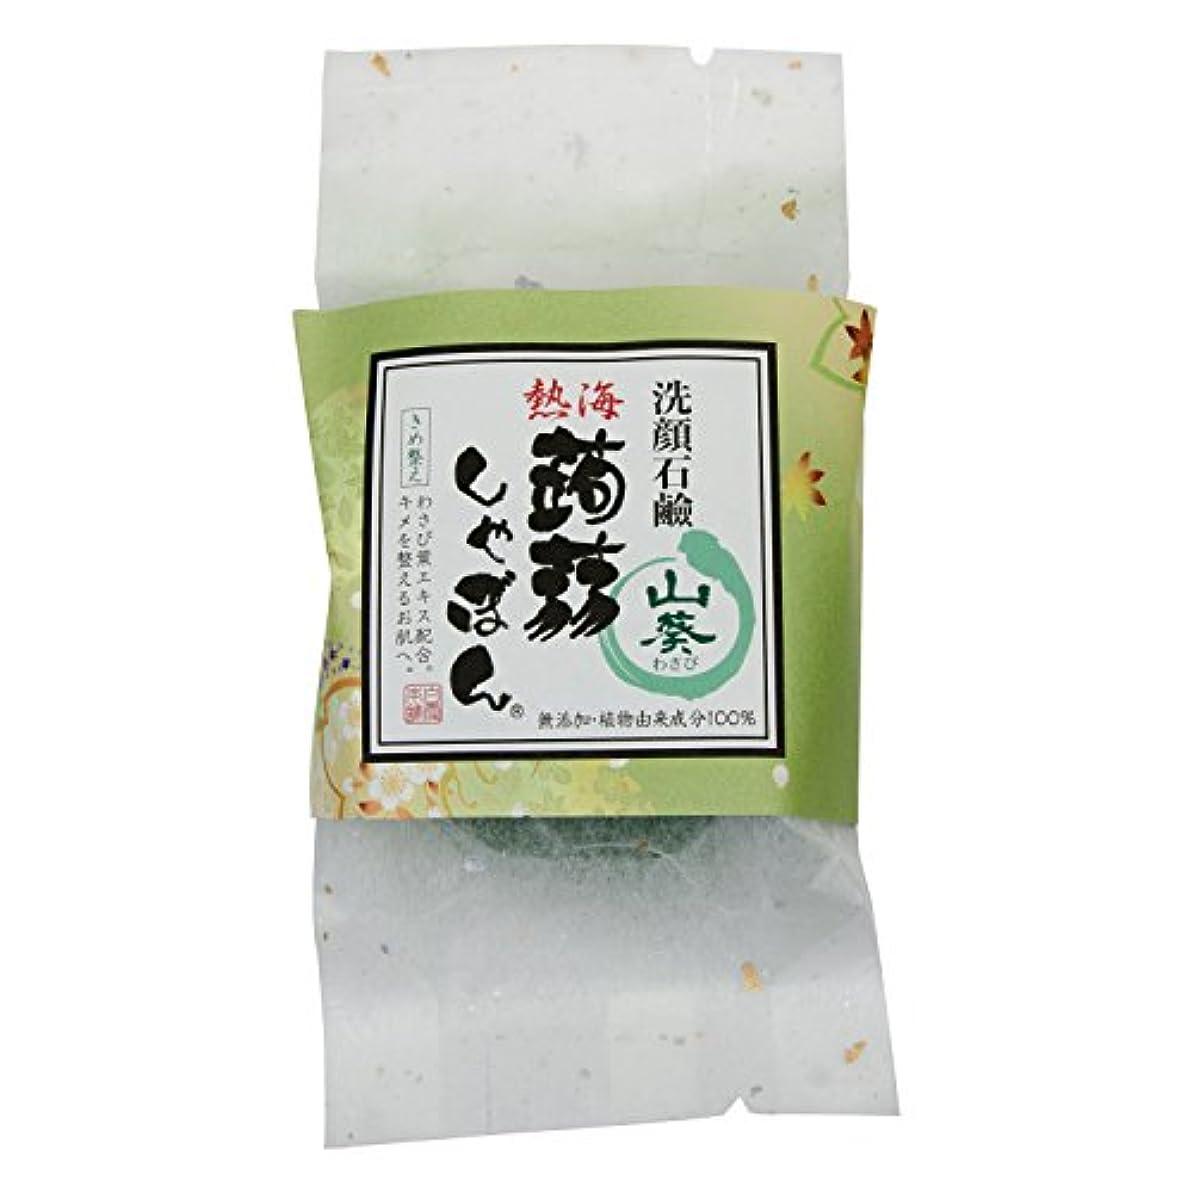 熱海 蒟蒻しゃぼん ぷるぷる 洗顔石鹸 石鹸 保湿 泡立ちソープ 内容量:100g (山葵 わさび)